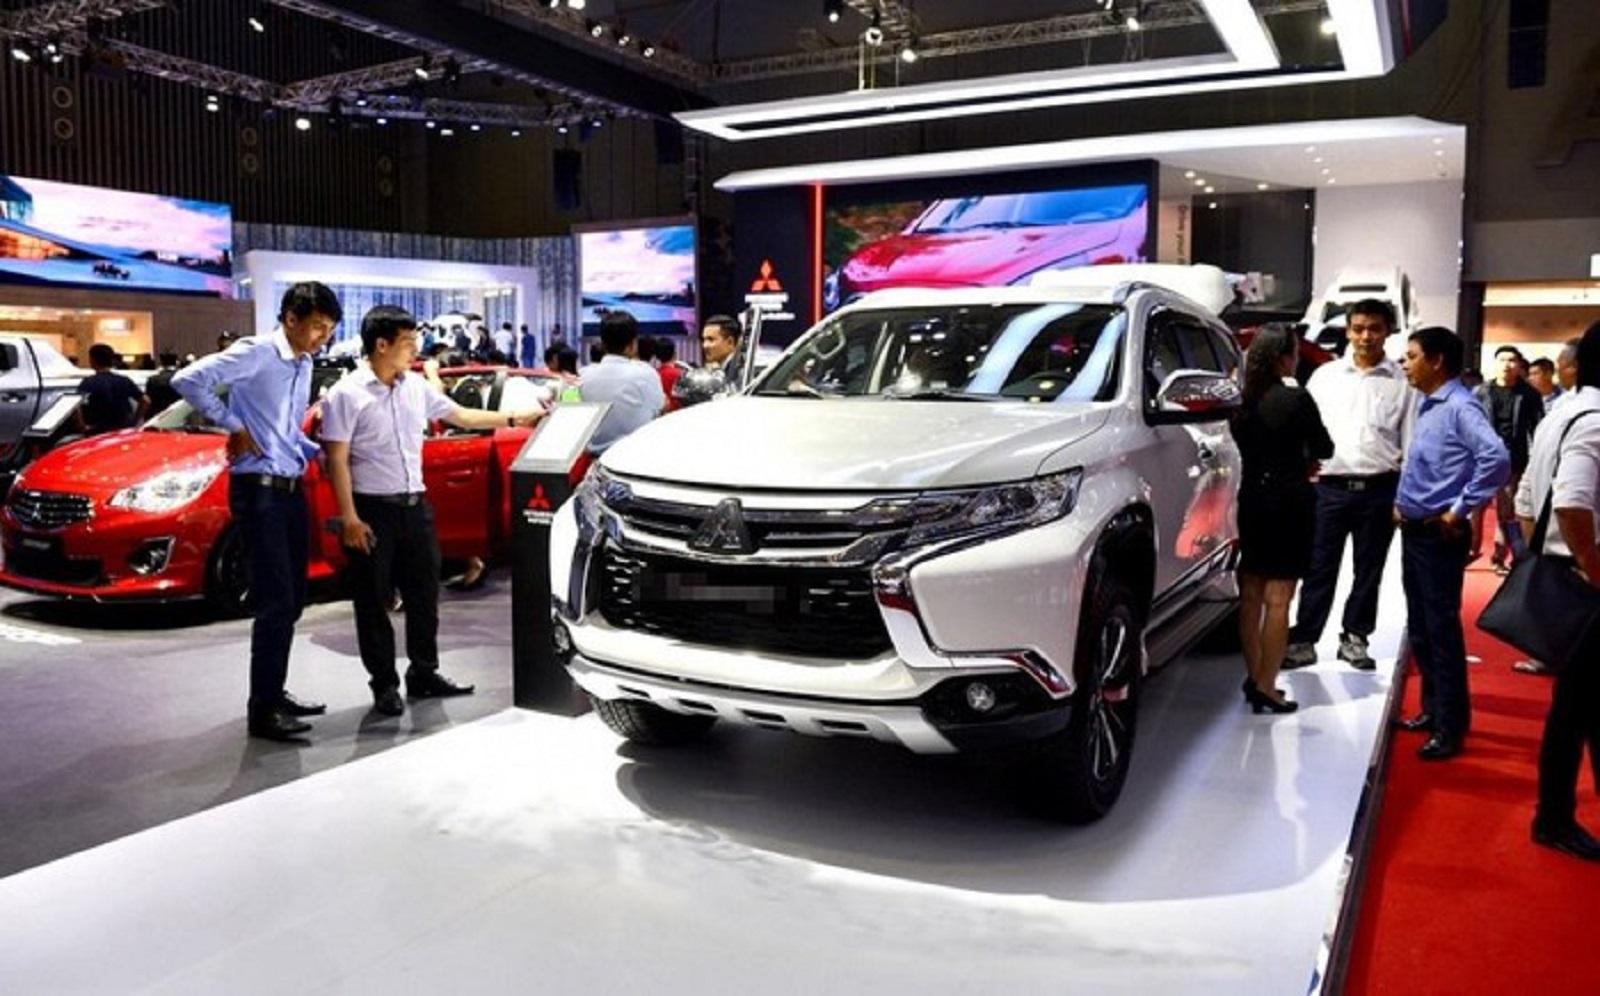 Dân Việt chi tiền khủng mua xe xịn, doanh nghiệp đổ tỷ đô nhập linh kiện - 1